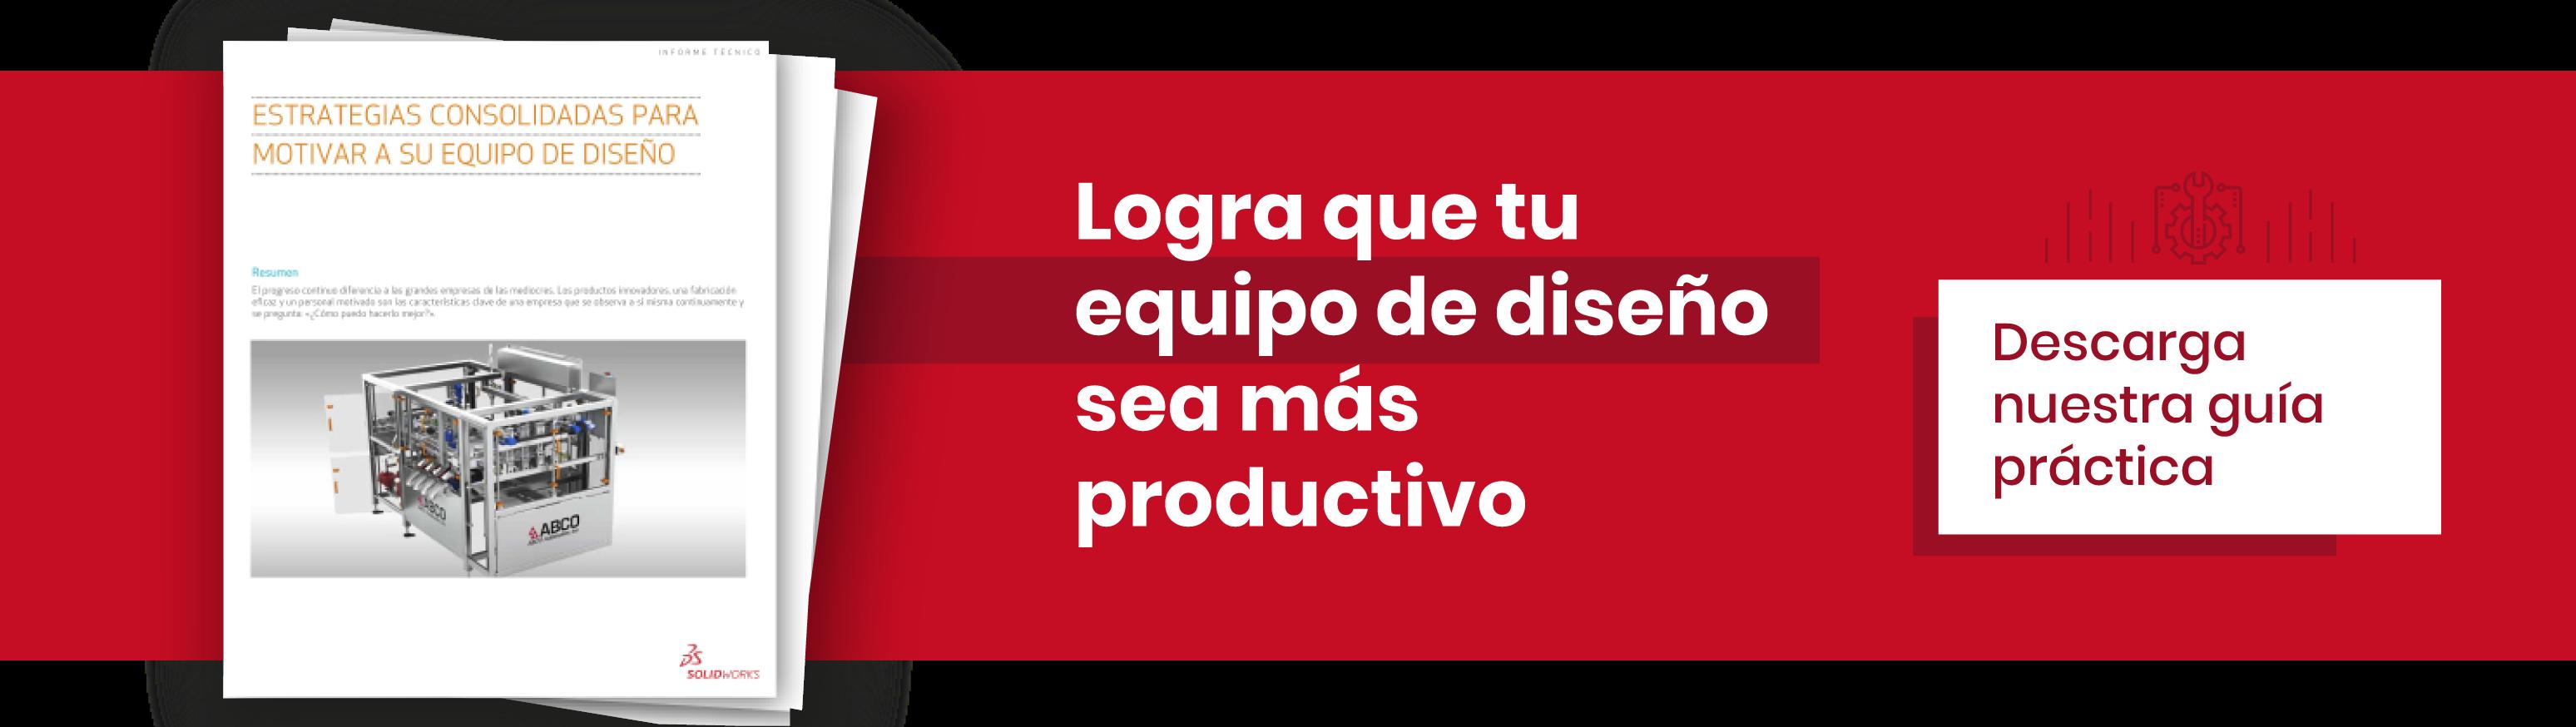 Logra que tu equipo de diseño sea más productivo